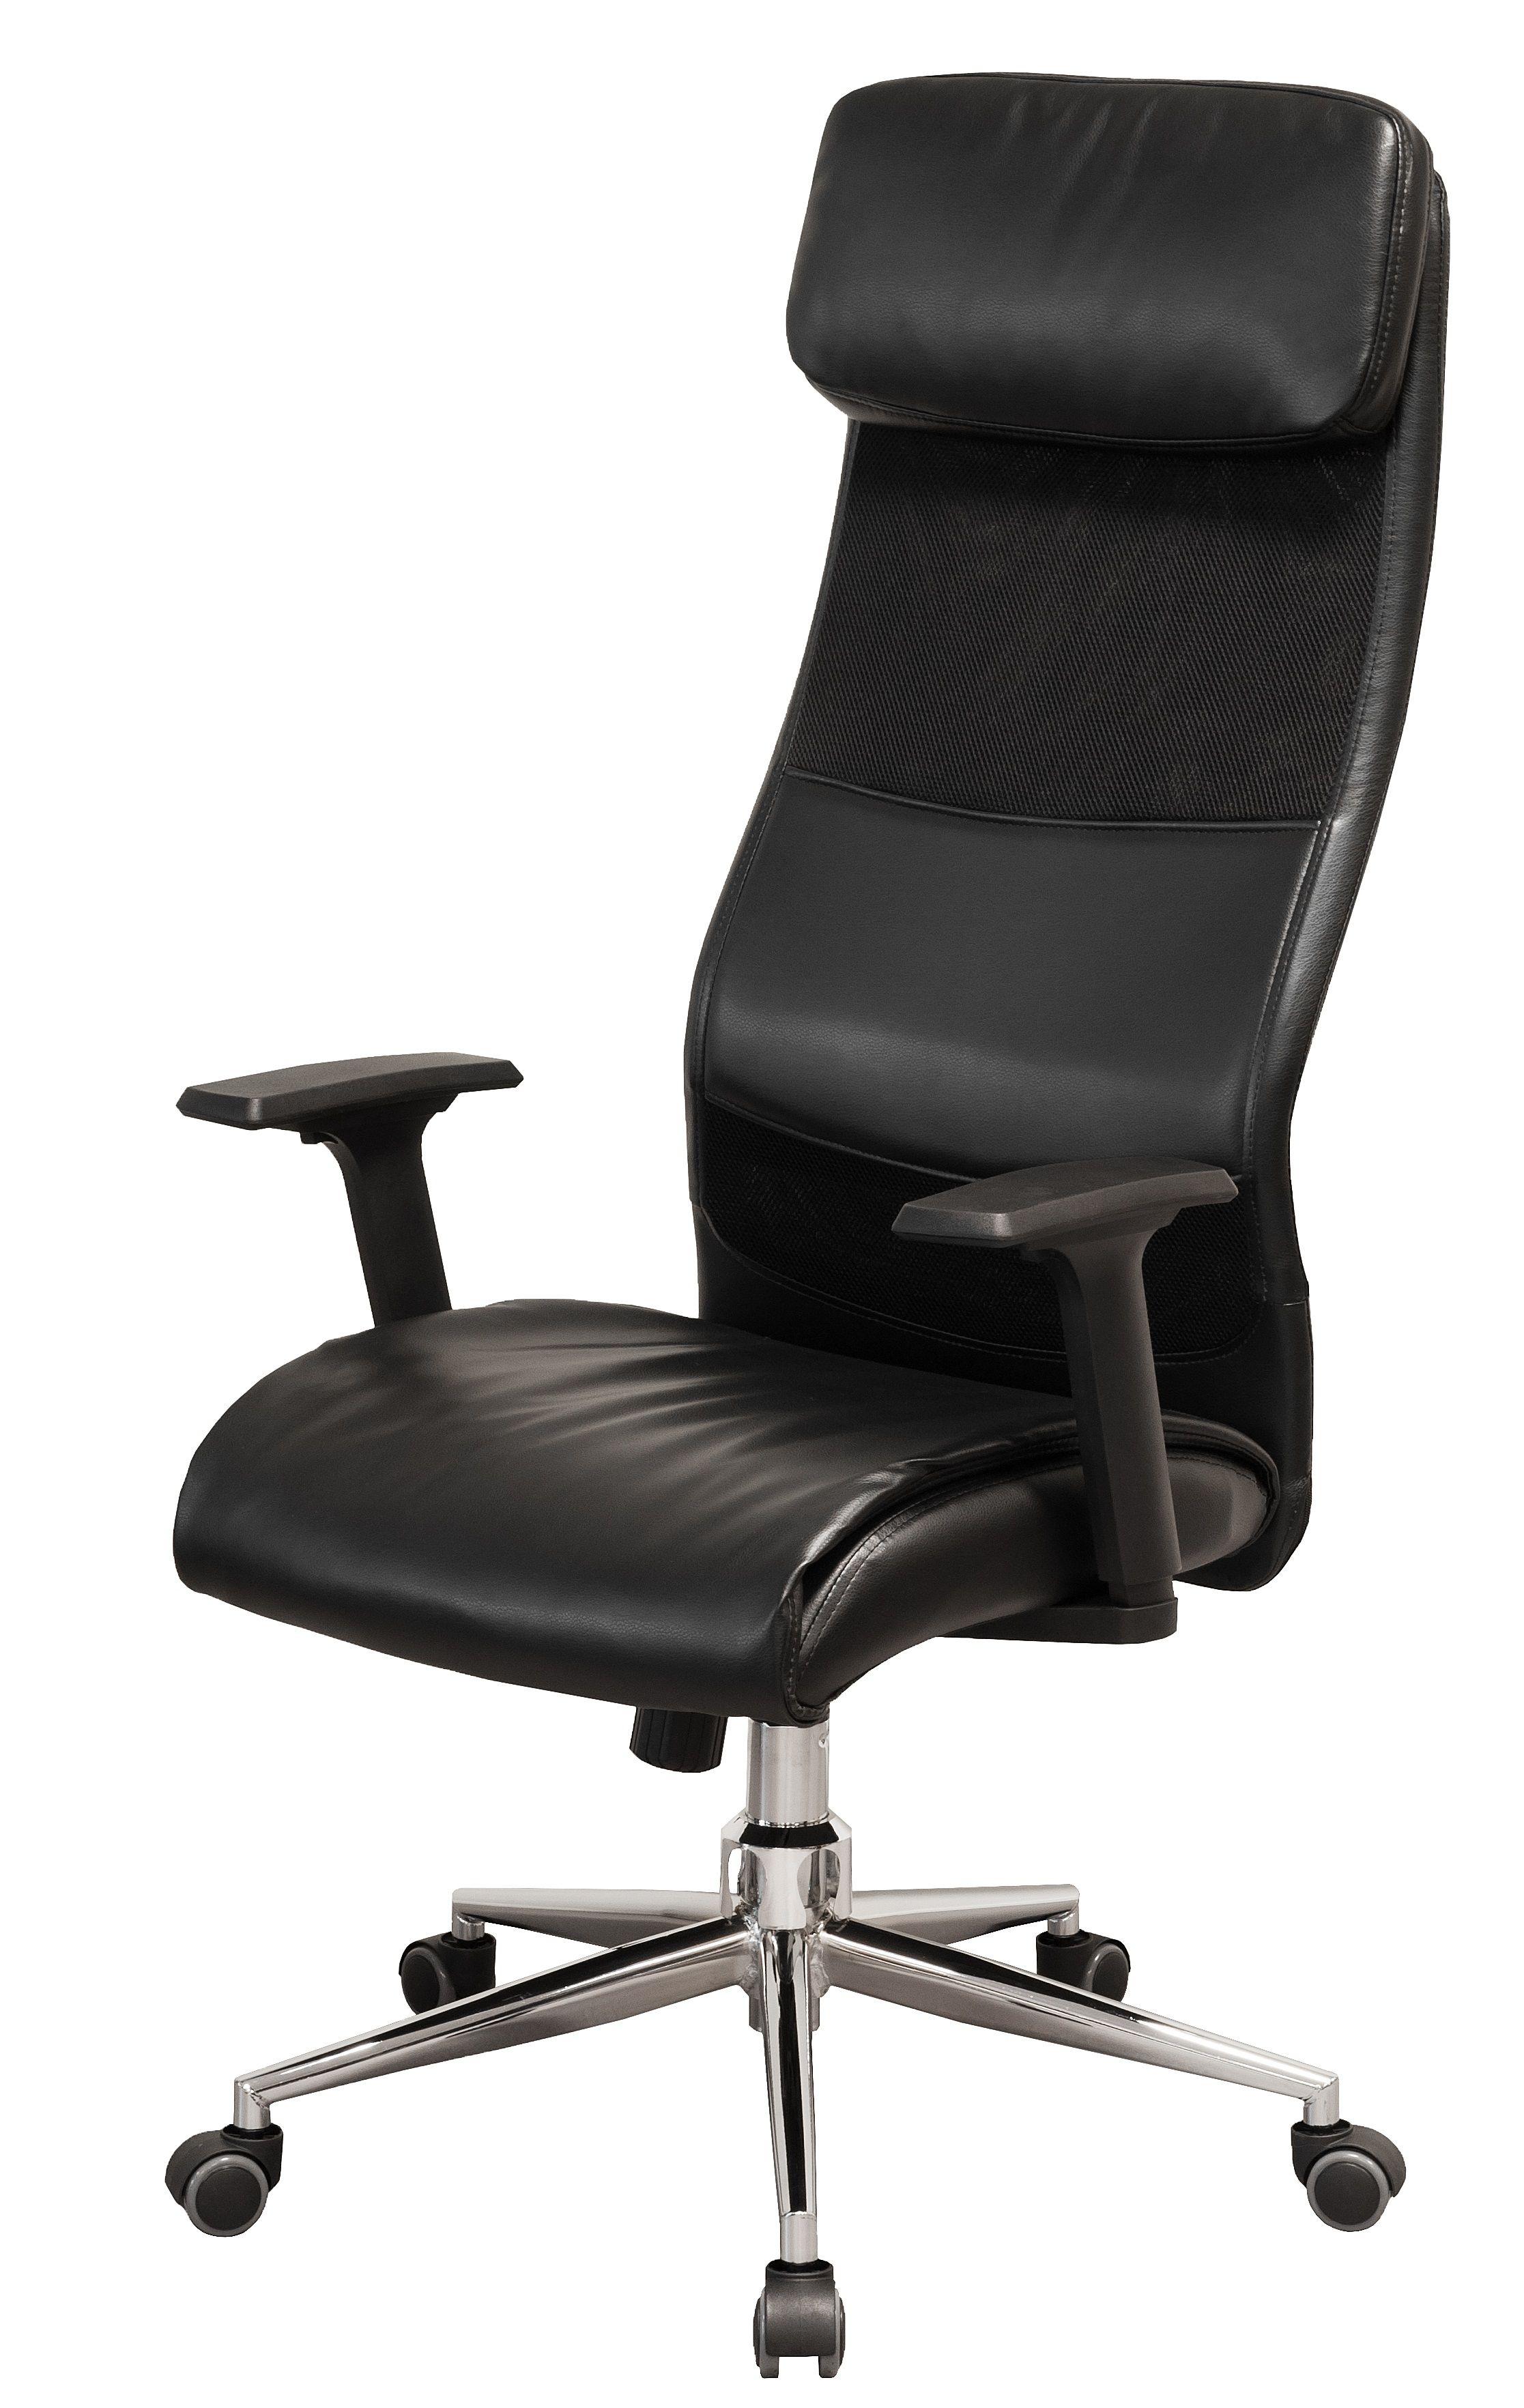 Biuro kėdė ENZO premium